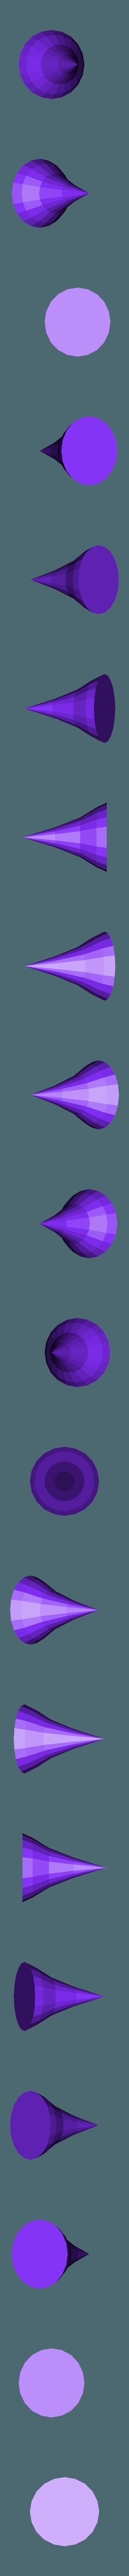 castle-towertop2.stl Télécharger fichier GCODE gratuit Castle Mountain ! (Multicolore/Multimatériau) • Modèle pour imprimante 3D, MakerMathieu